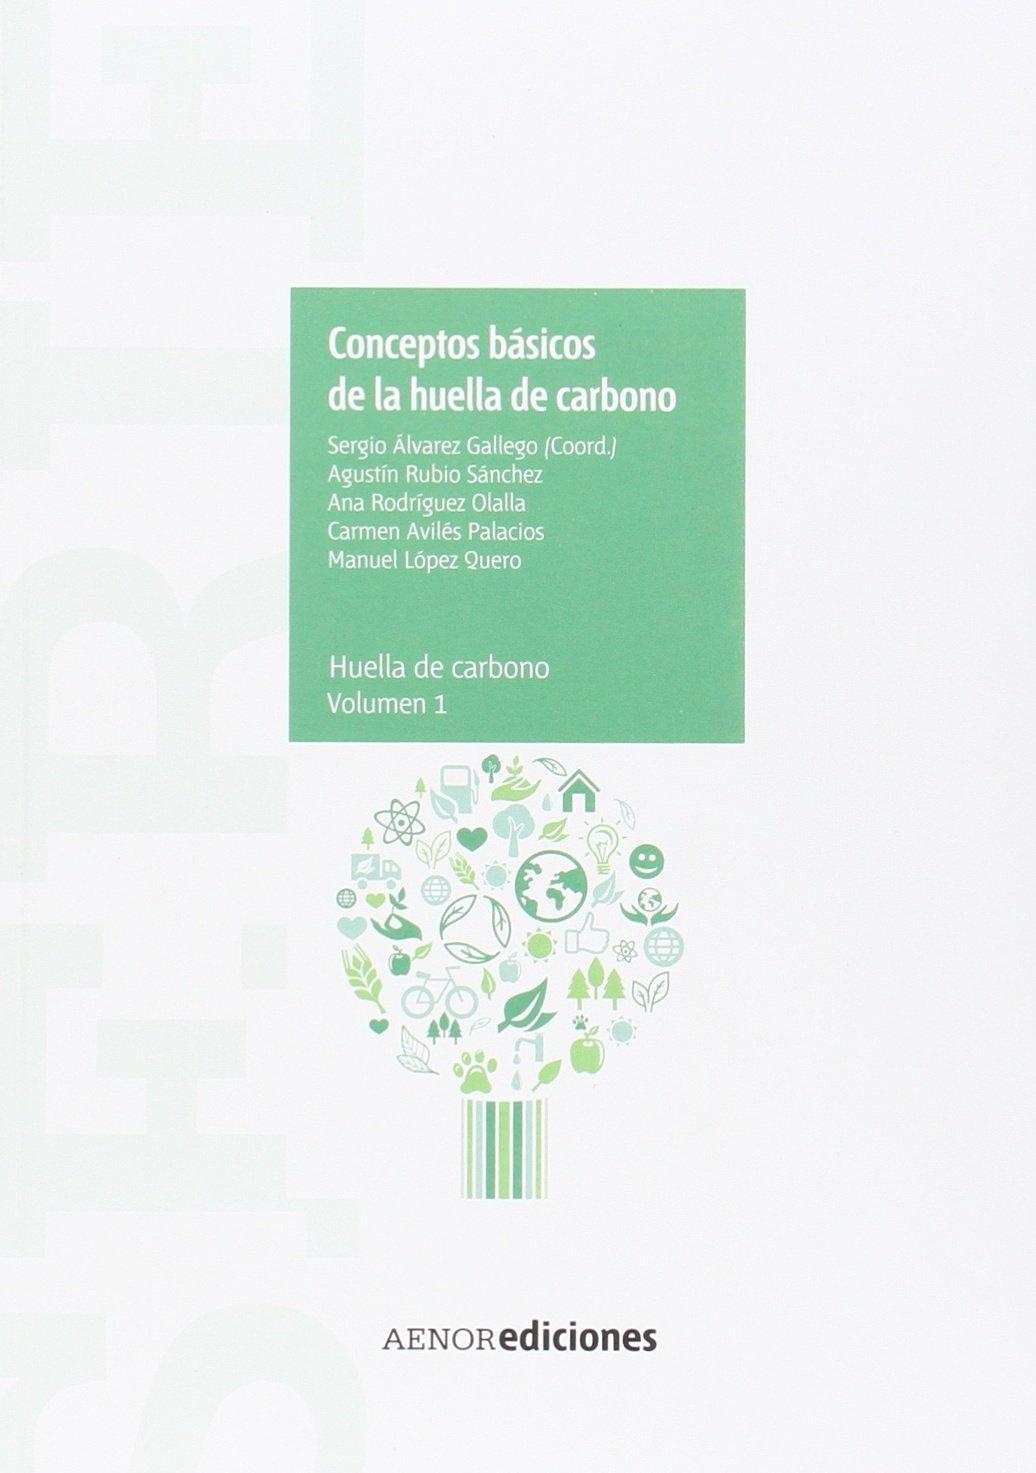 Amazon.com: Conceptos básicos de la huella de carbono ...